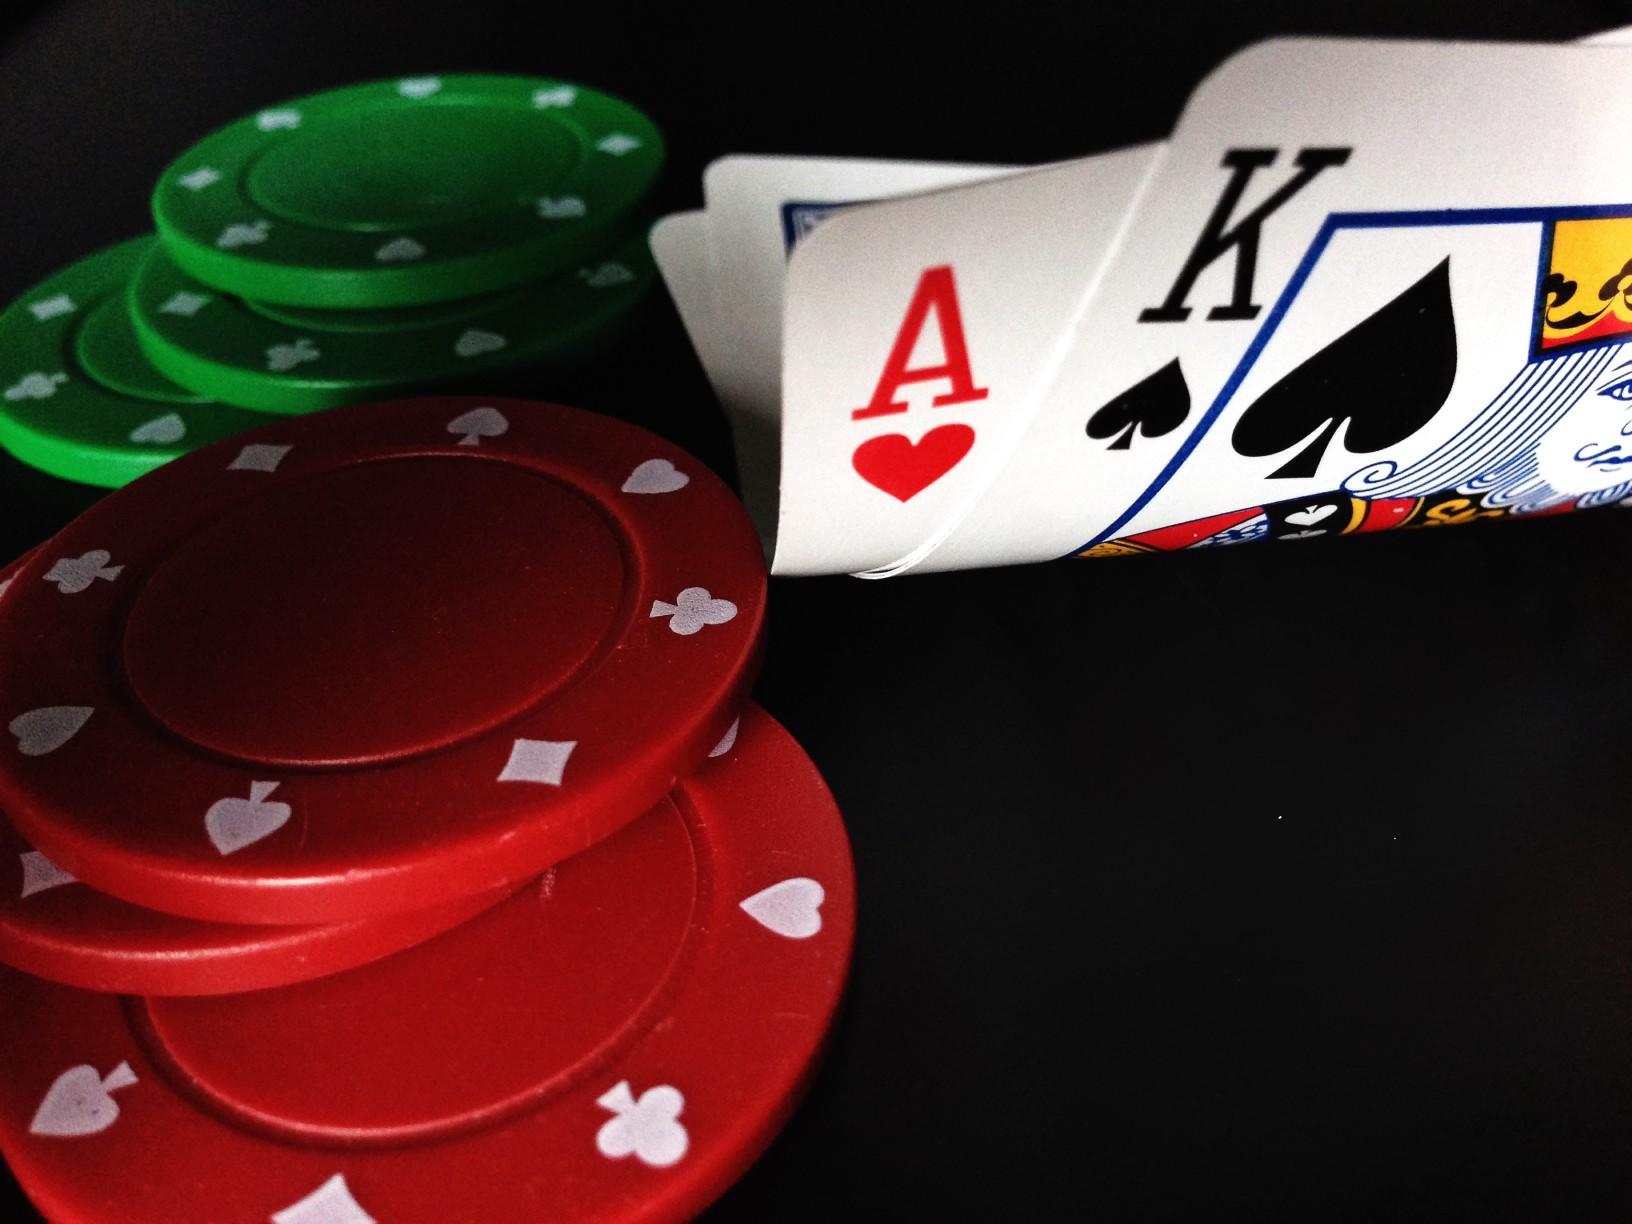 Auch im Fahrradurlaub zählt Poker zu den beliebtesten Glückspielen. Foto. GreenDarkness via Twenty20